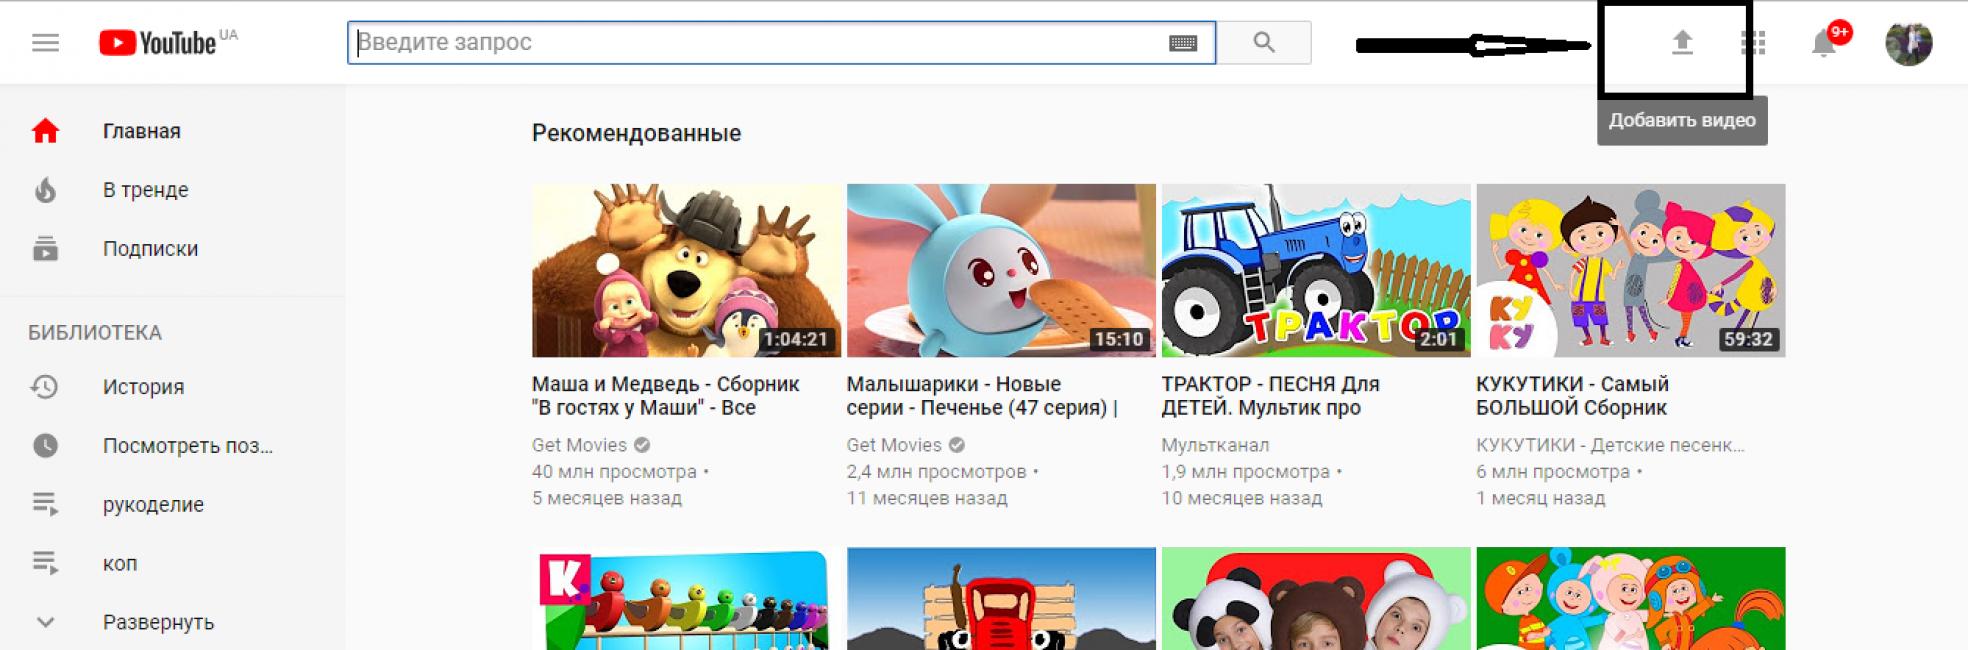 Кнопка, позволяющая добавить видео